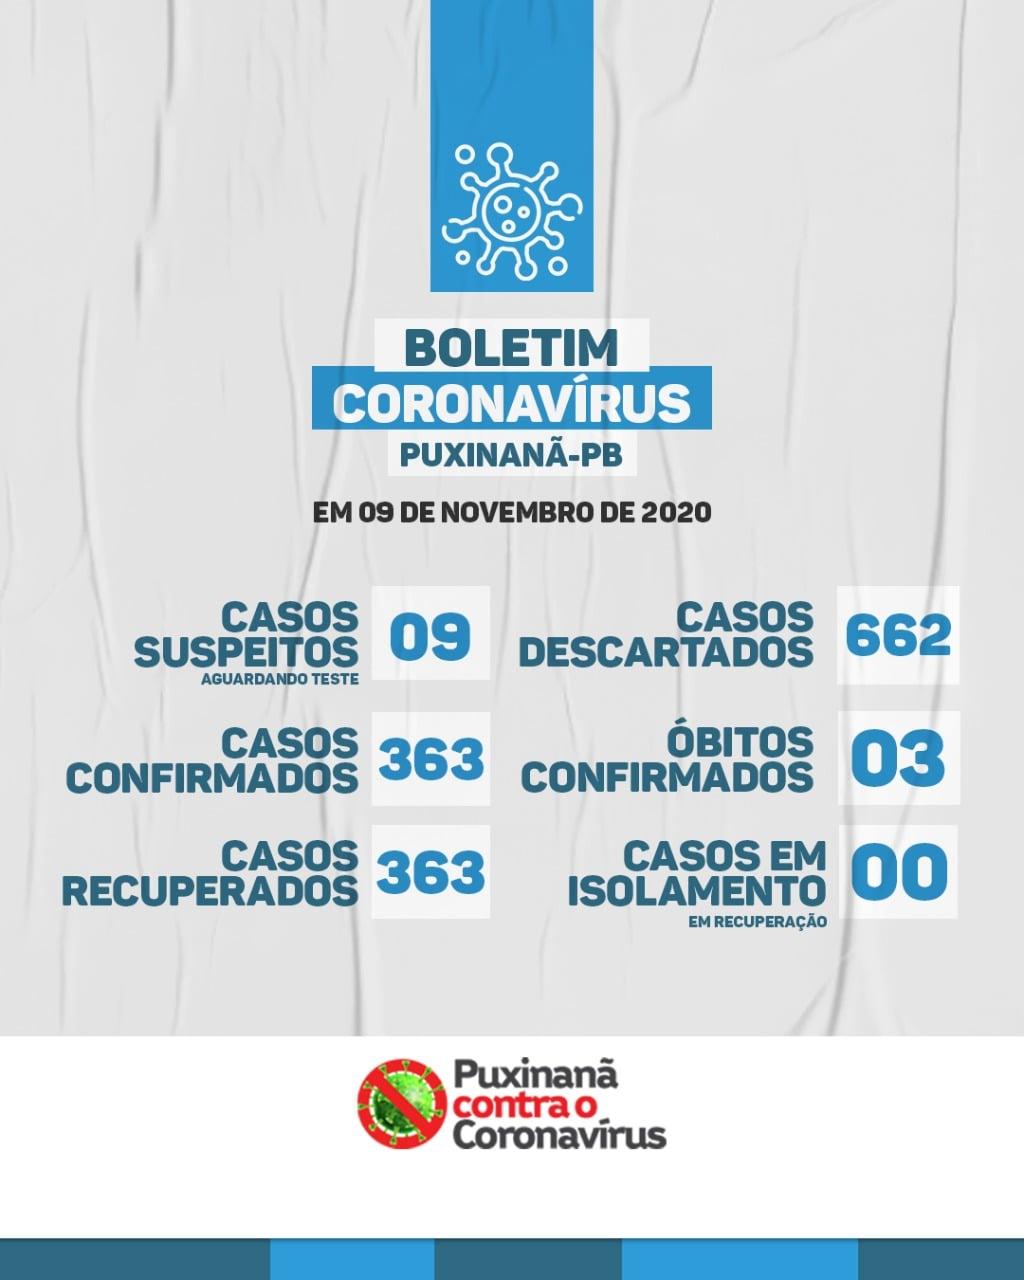 Boletim epidemiológico atualizado, em: 09/11/2020